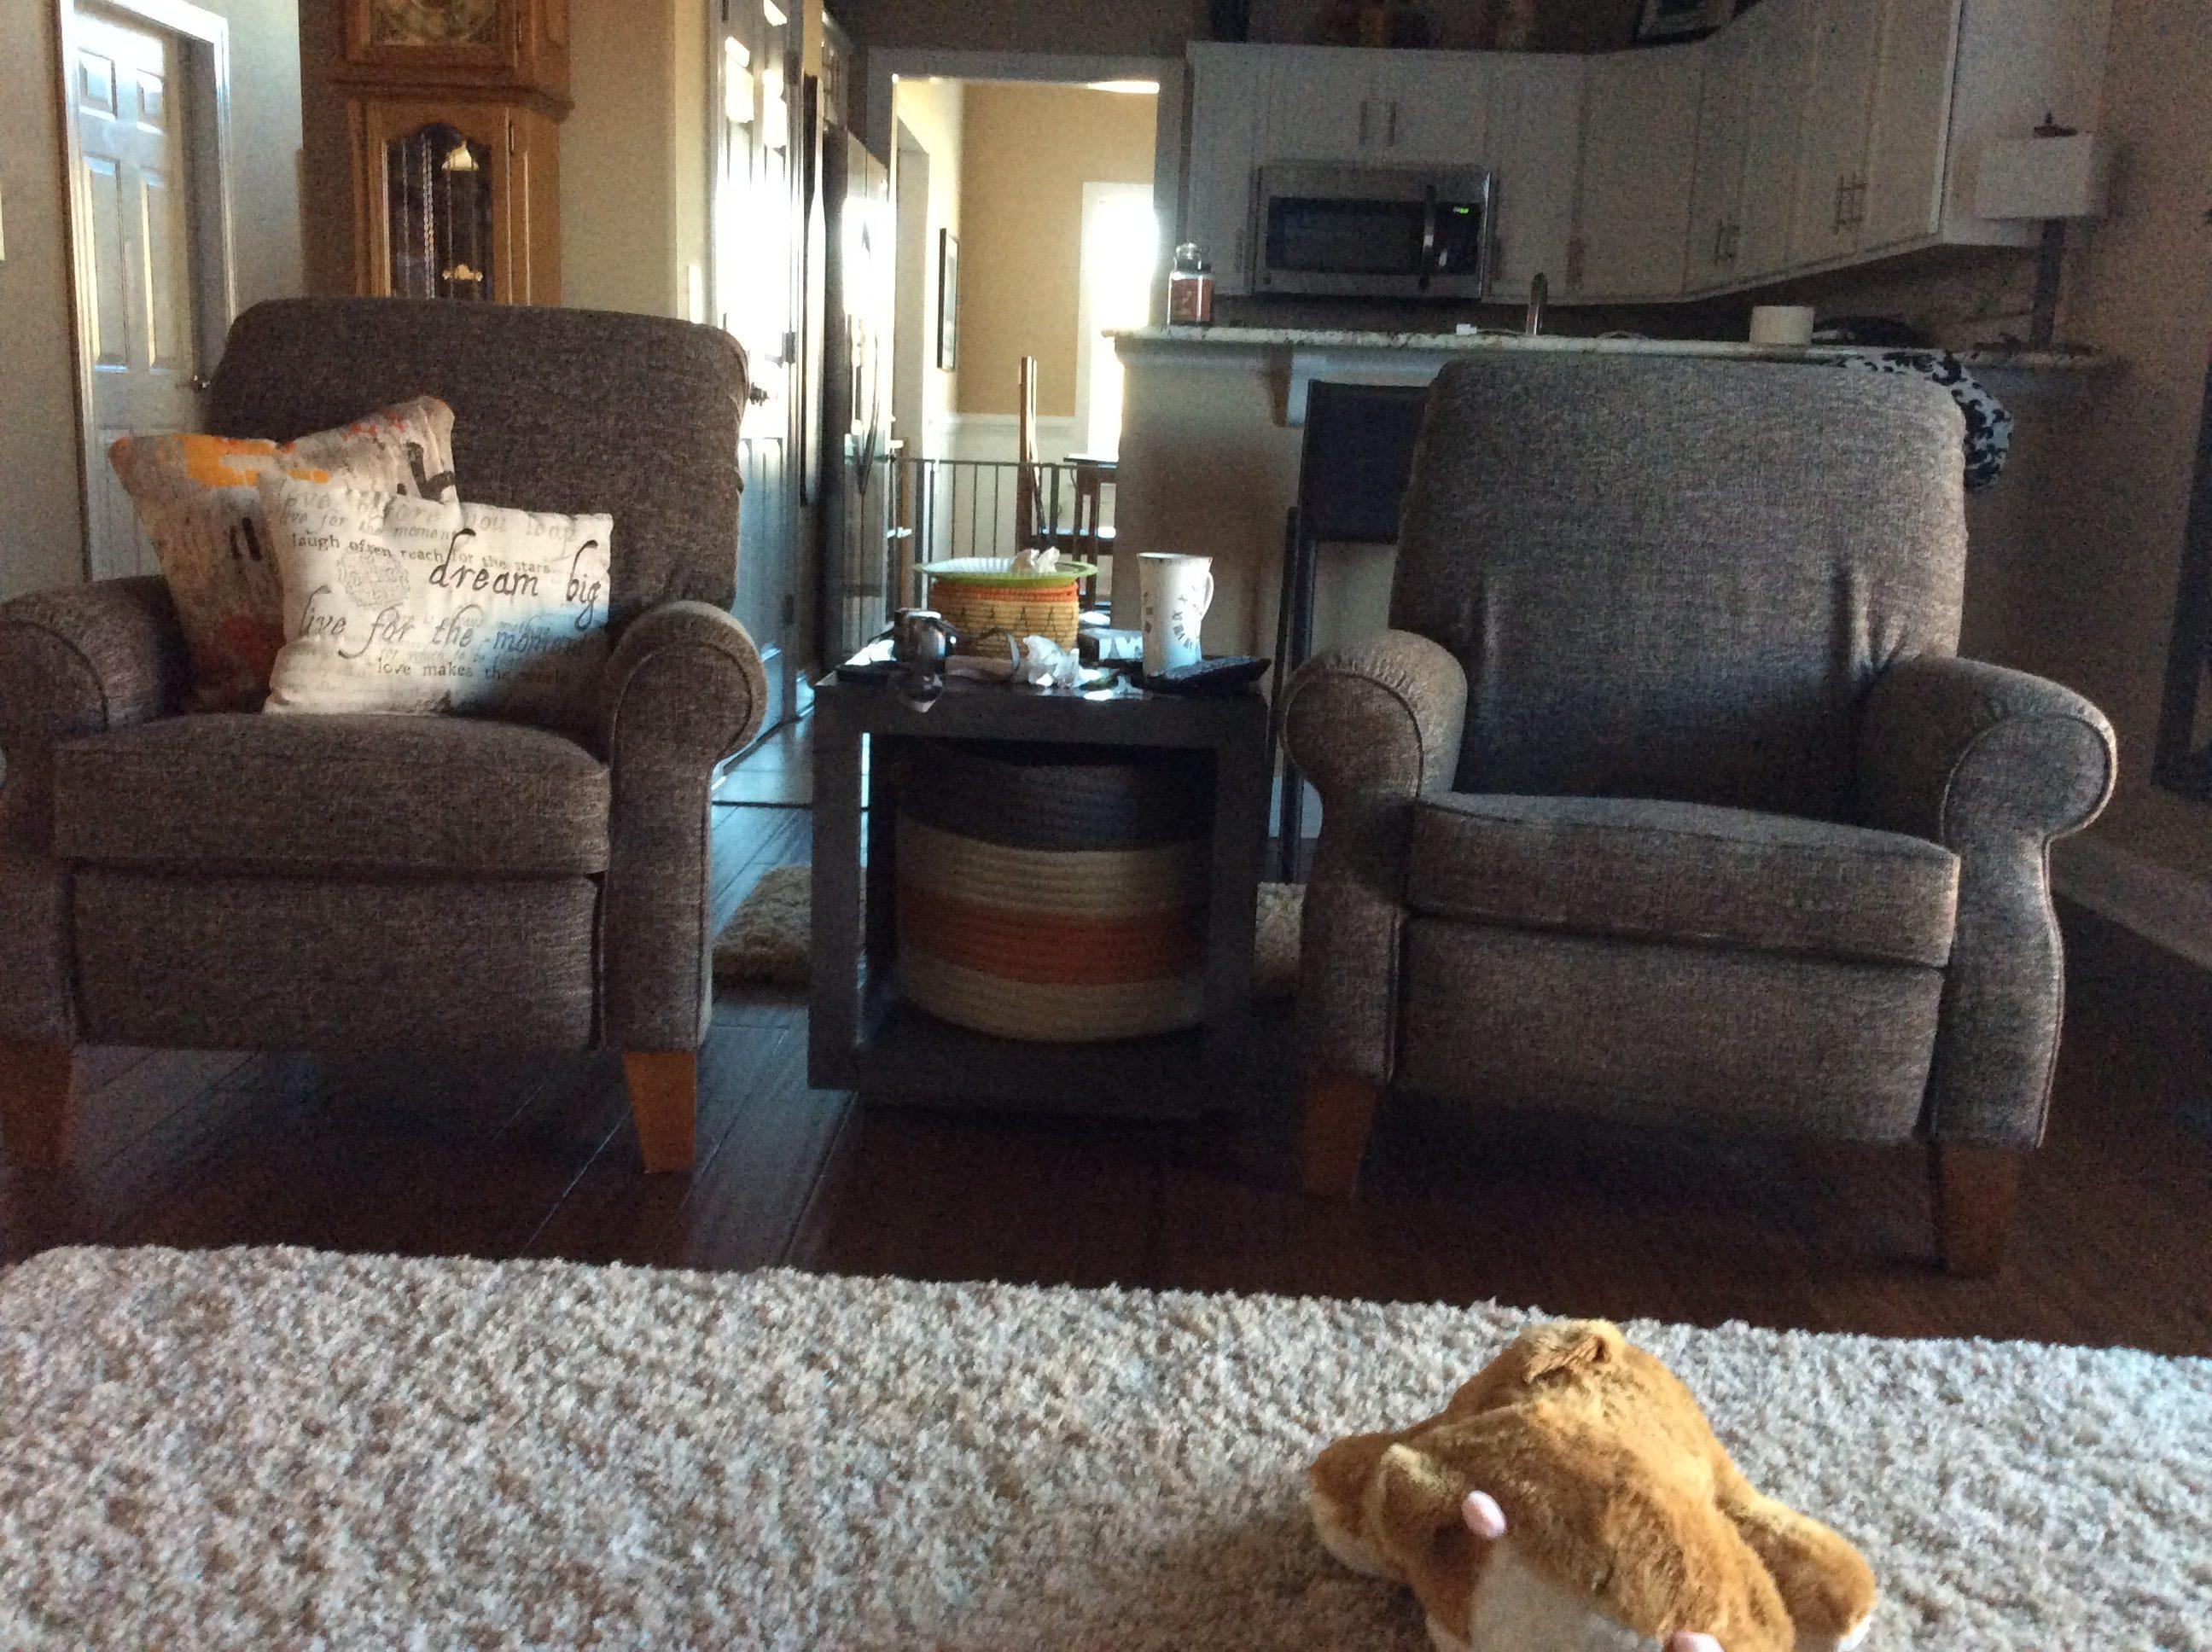 La Z Boy Living Room Set Top 4933 Reviews And Complaints About La Z Boy Furniture